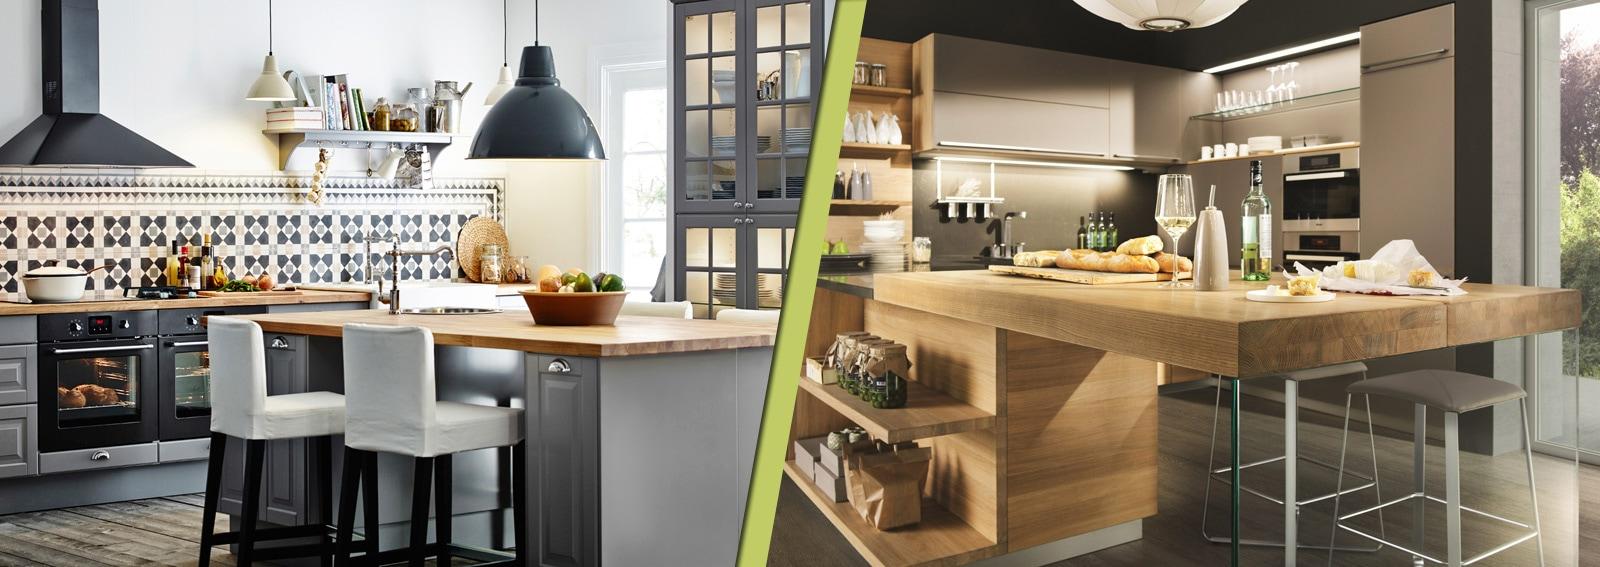 Emejing Piani Di Lavoro Per Cucina Contemporary - Ideas & Design ...